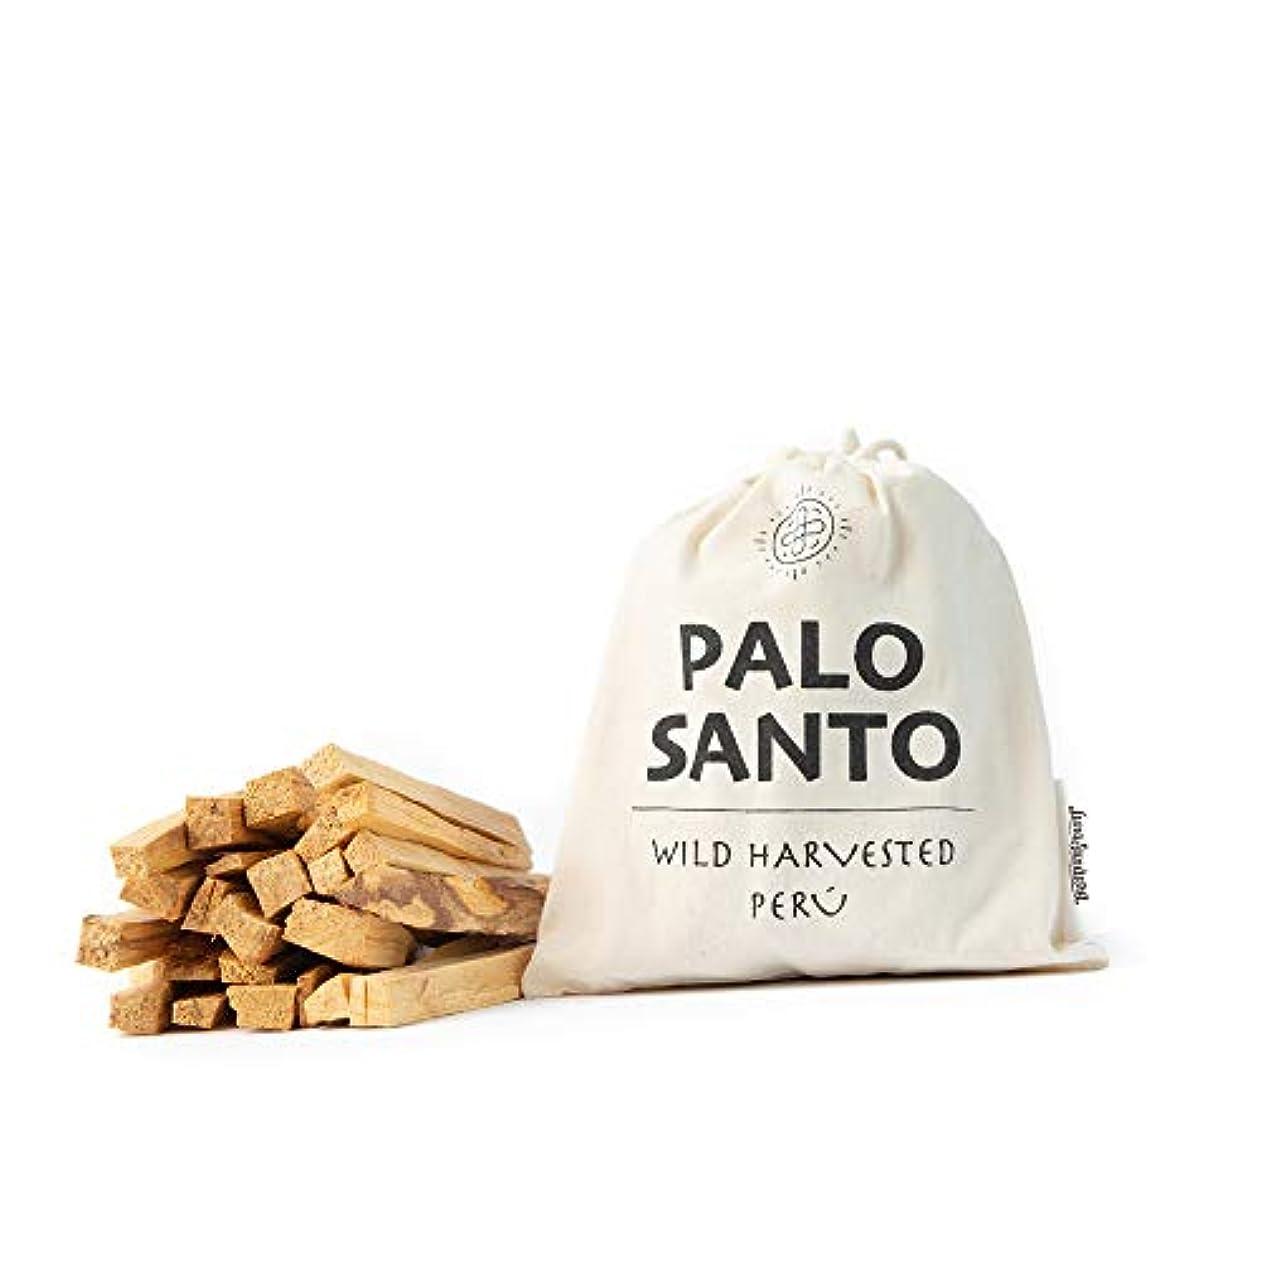 きらめき好色なスキャンLuna Sundara Palo Santo Smudging Sticks Peru Sustainably Harvested Quality Hand Picked - 100グラム(約18-25スティック)